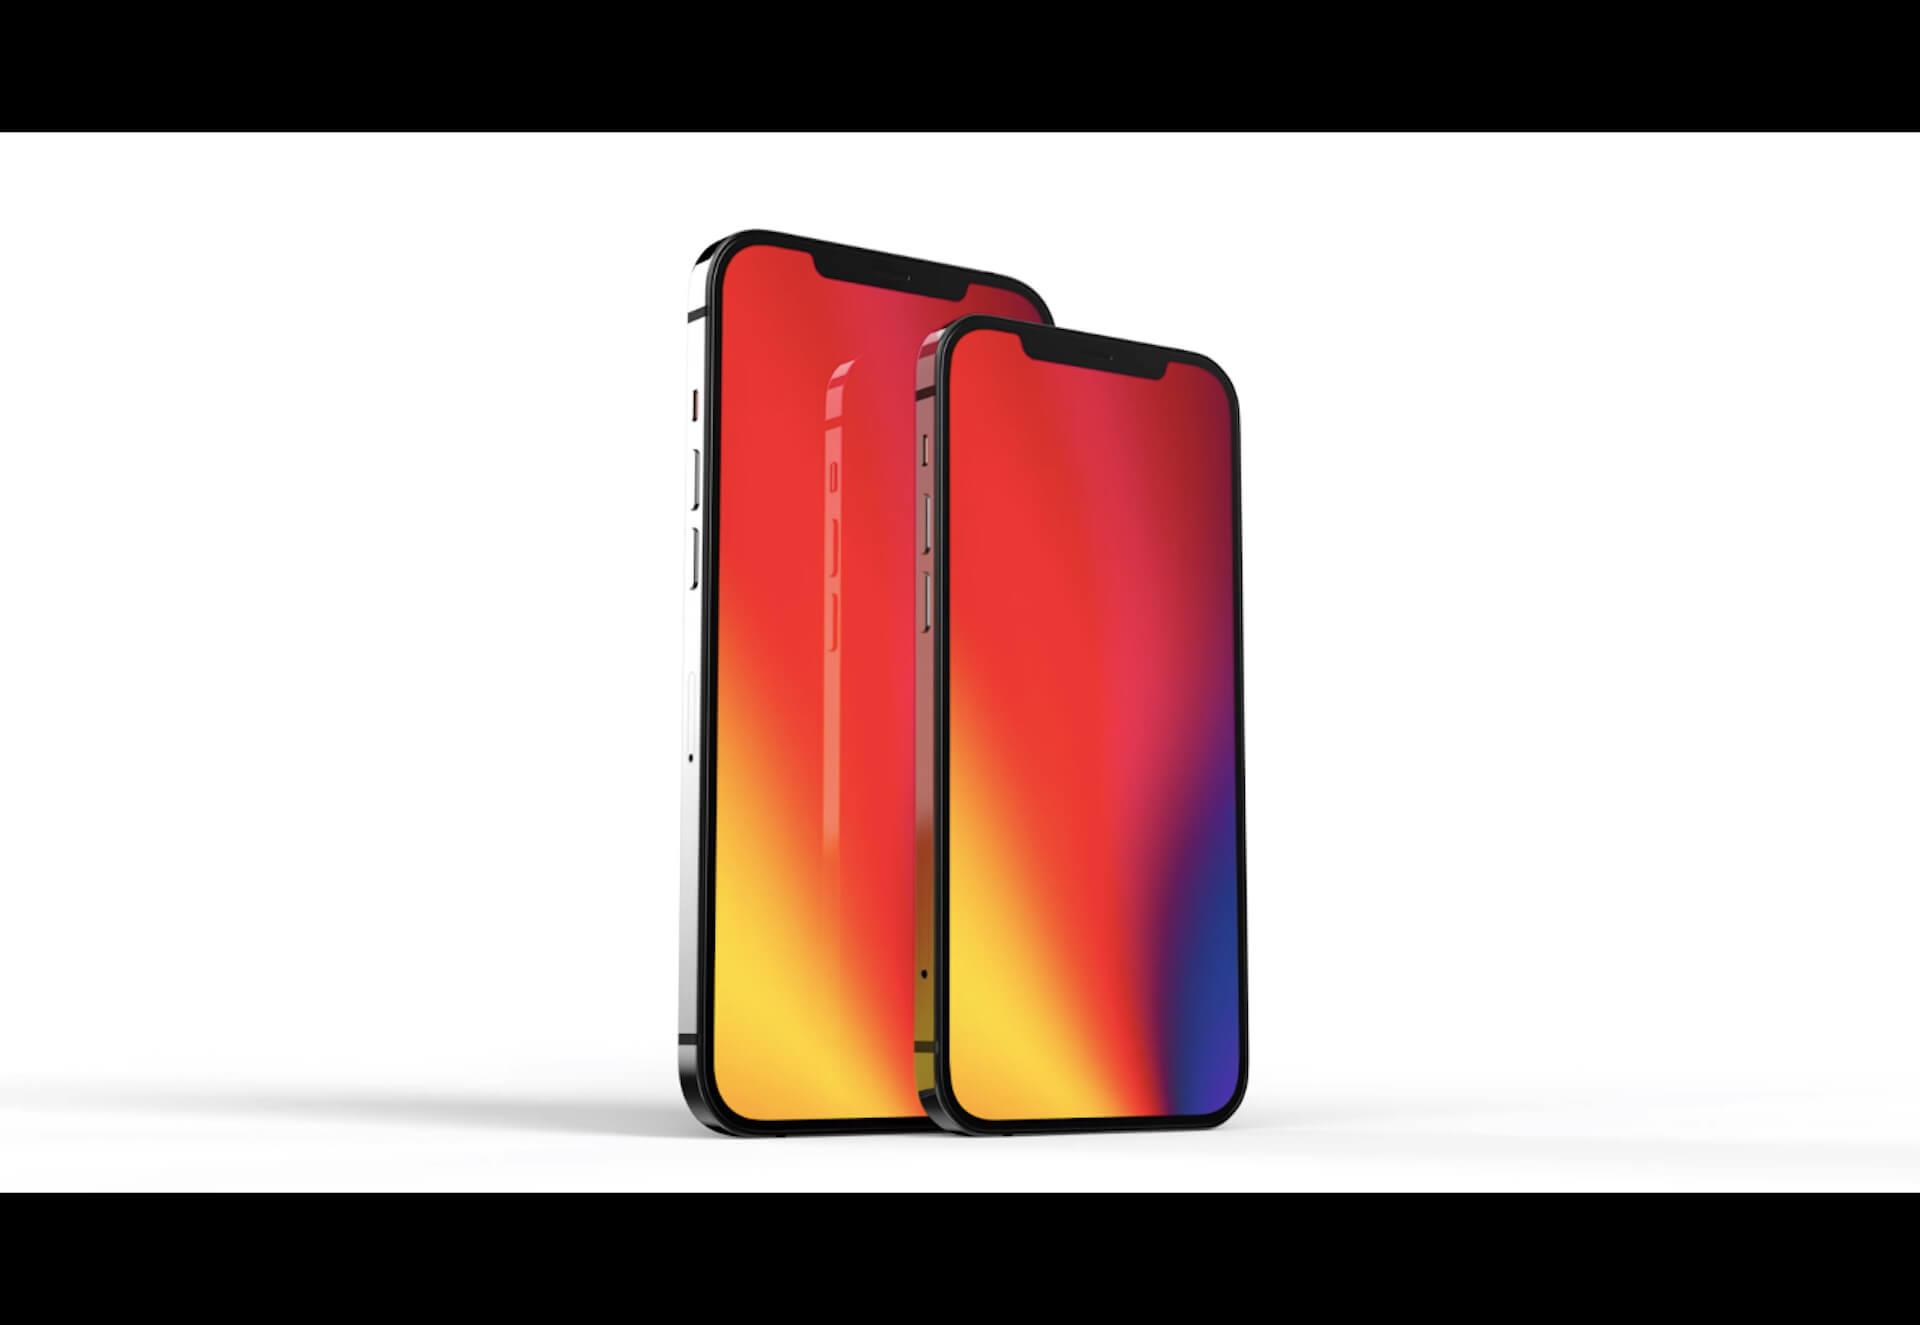 今年登場とうわさのiPhone 13でやはりTouch ID復活か?著名リーカーが新たに示唆 tech210107_iphone13_main